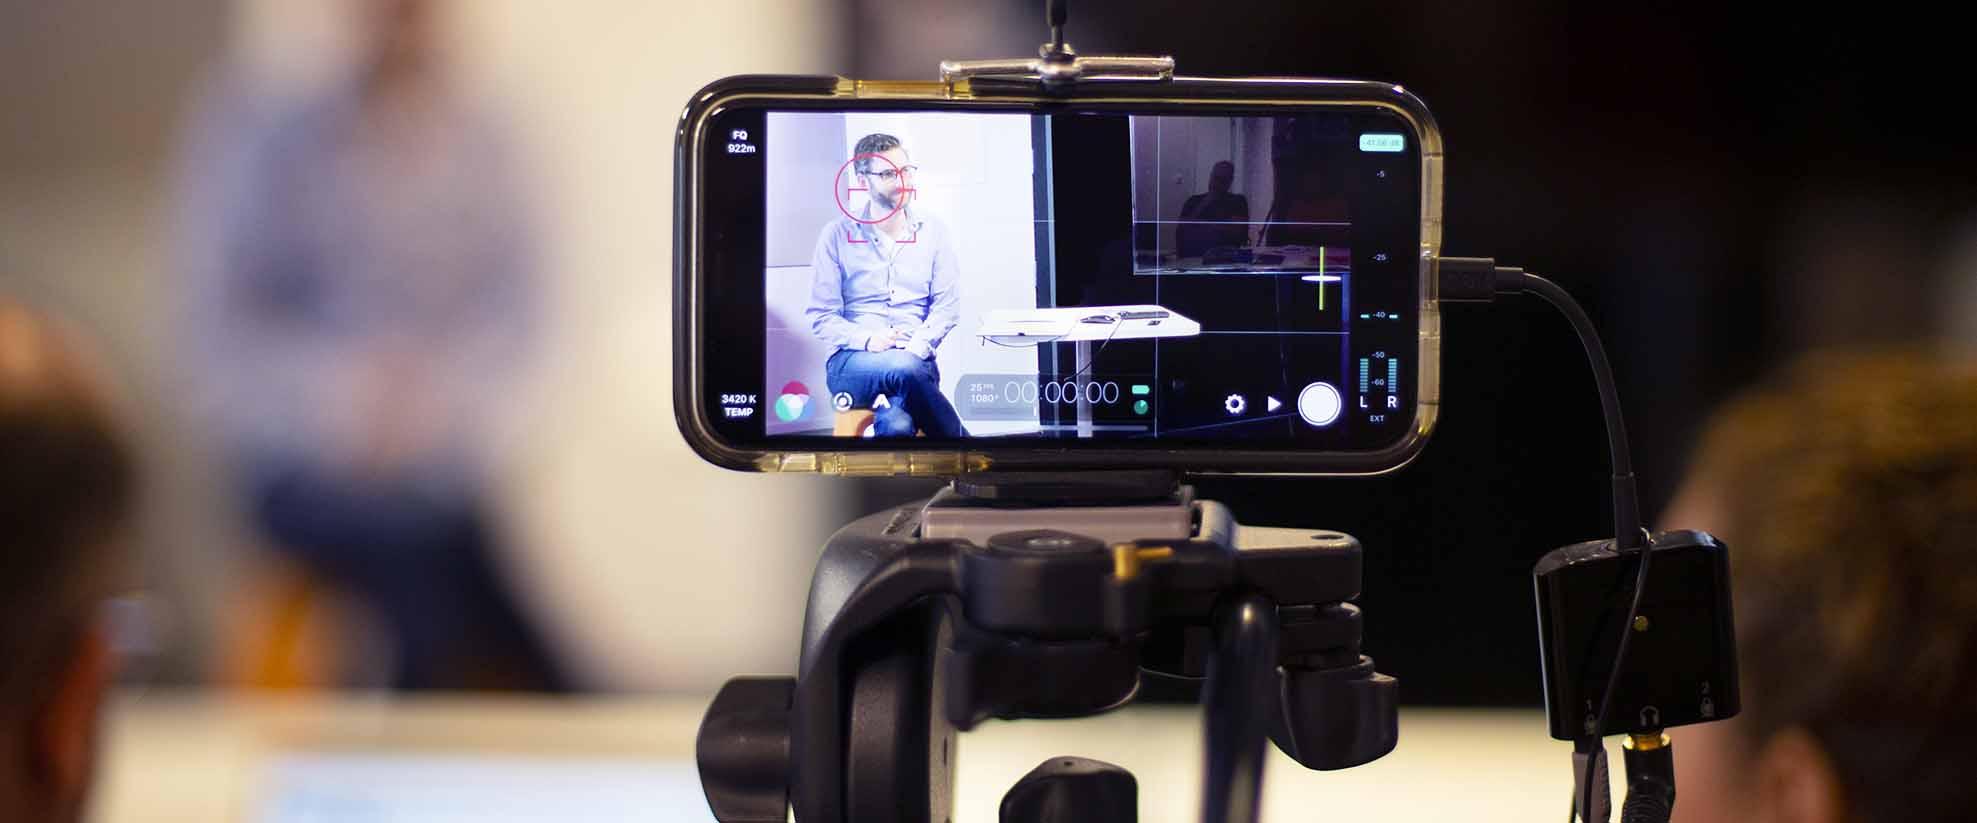 Onlinekurs Filma föredrag med mobilkameran